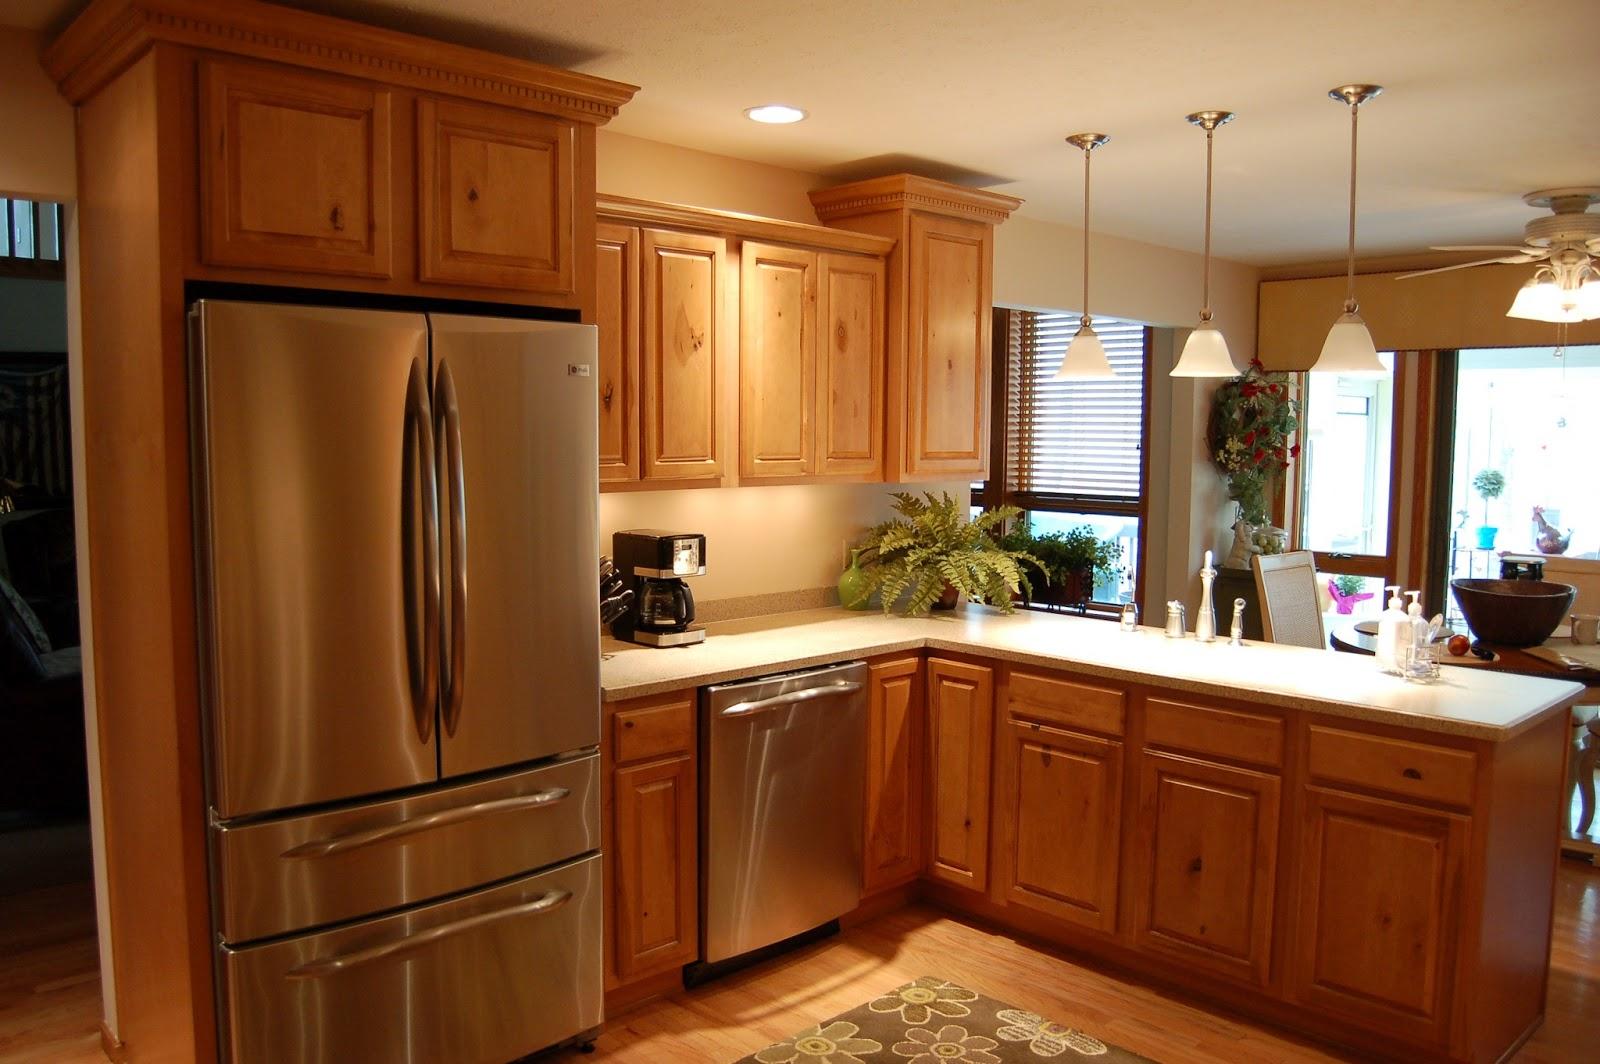 Chicago Kitchens via Calfinder Remodeling Blog Remodeling Ideas - 1950'S Kitchen Remodel Ideas